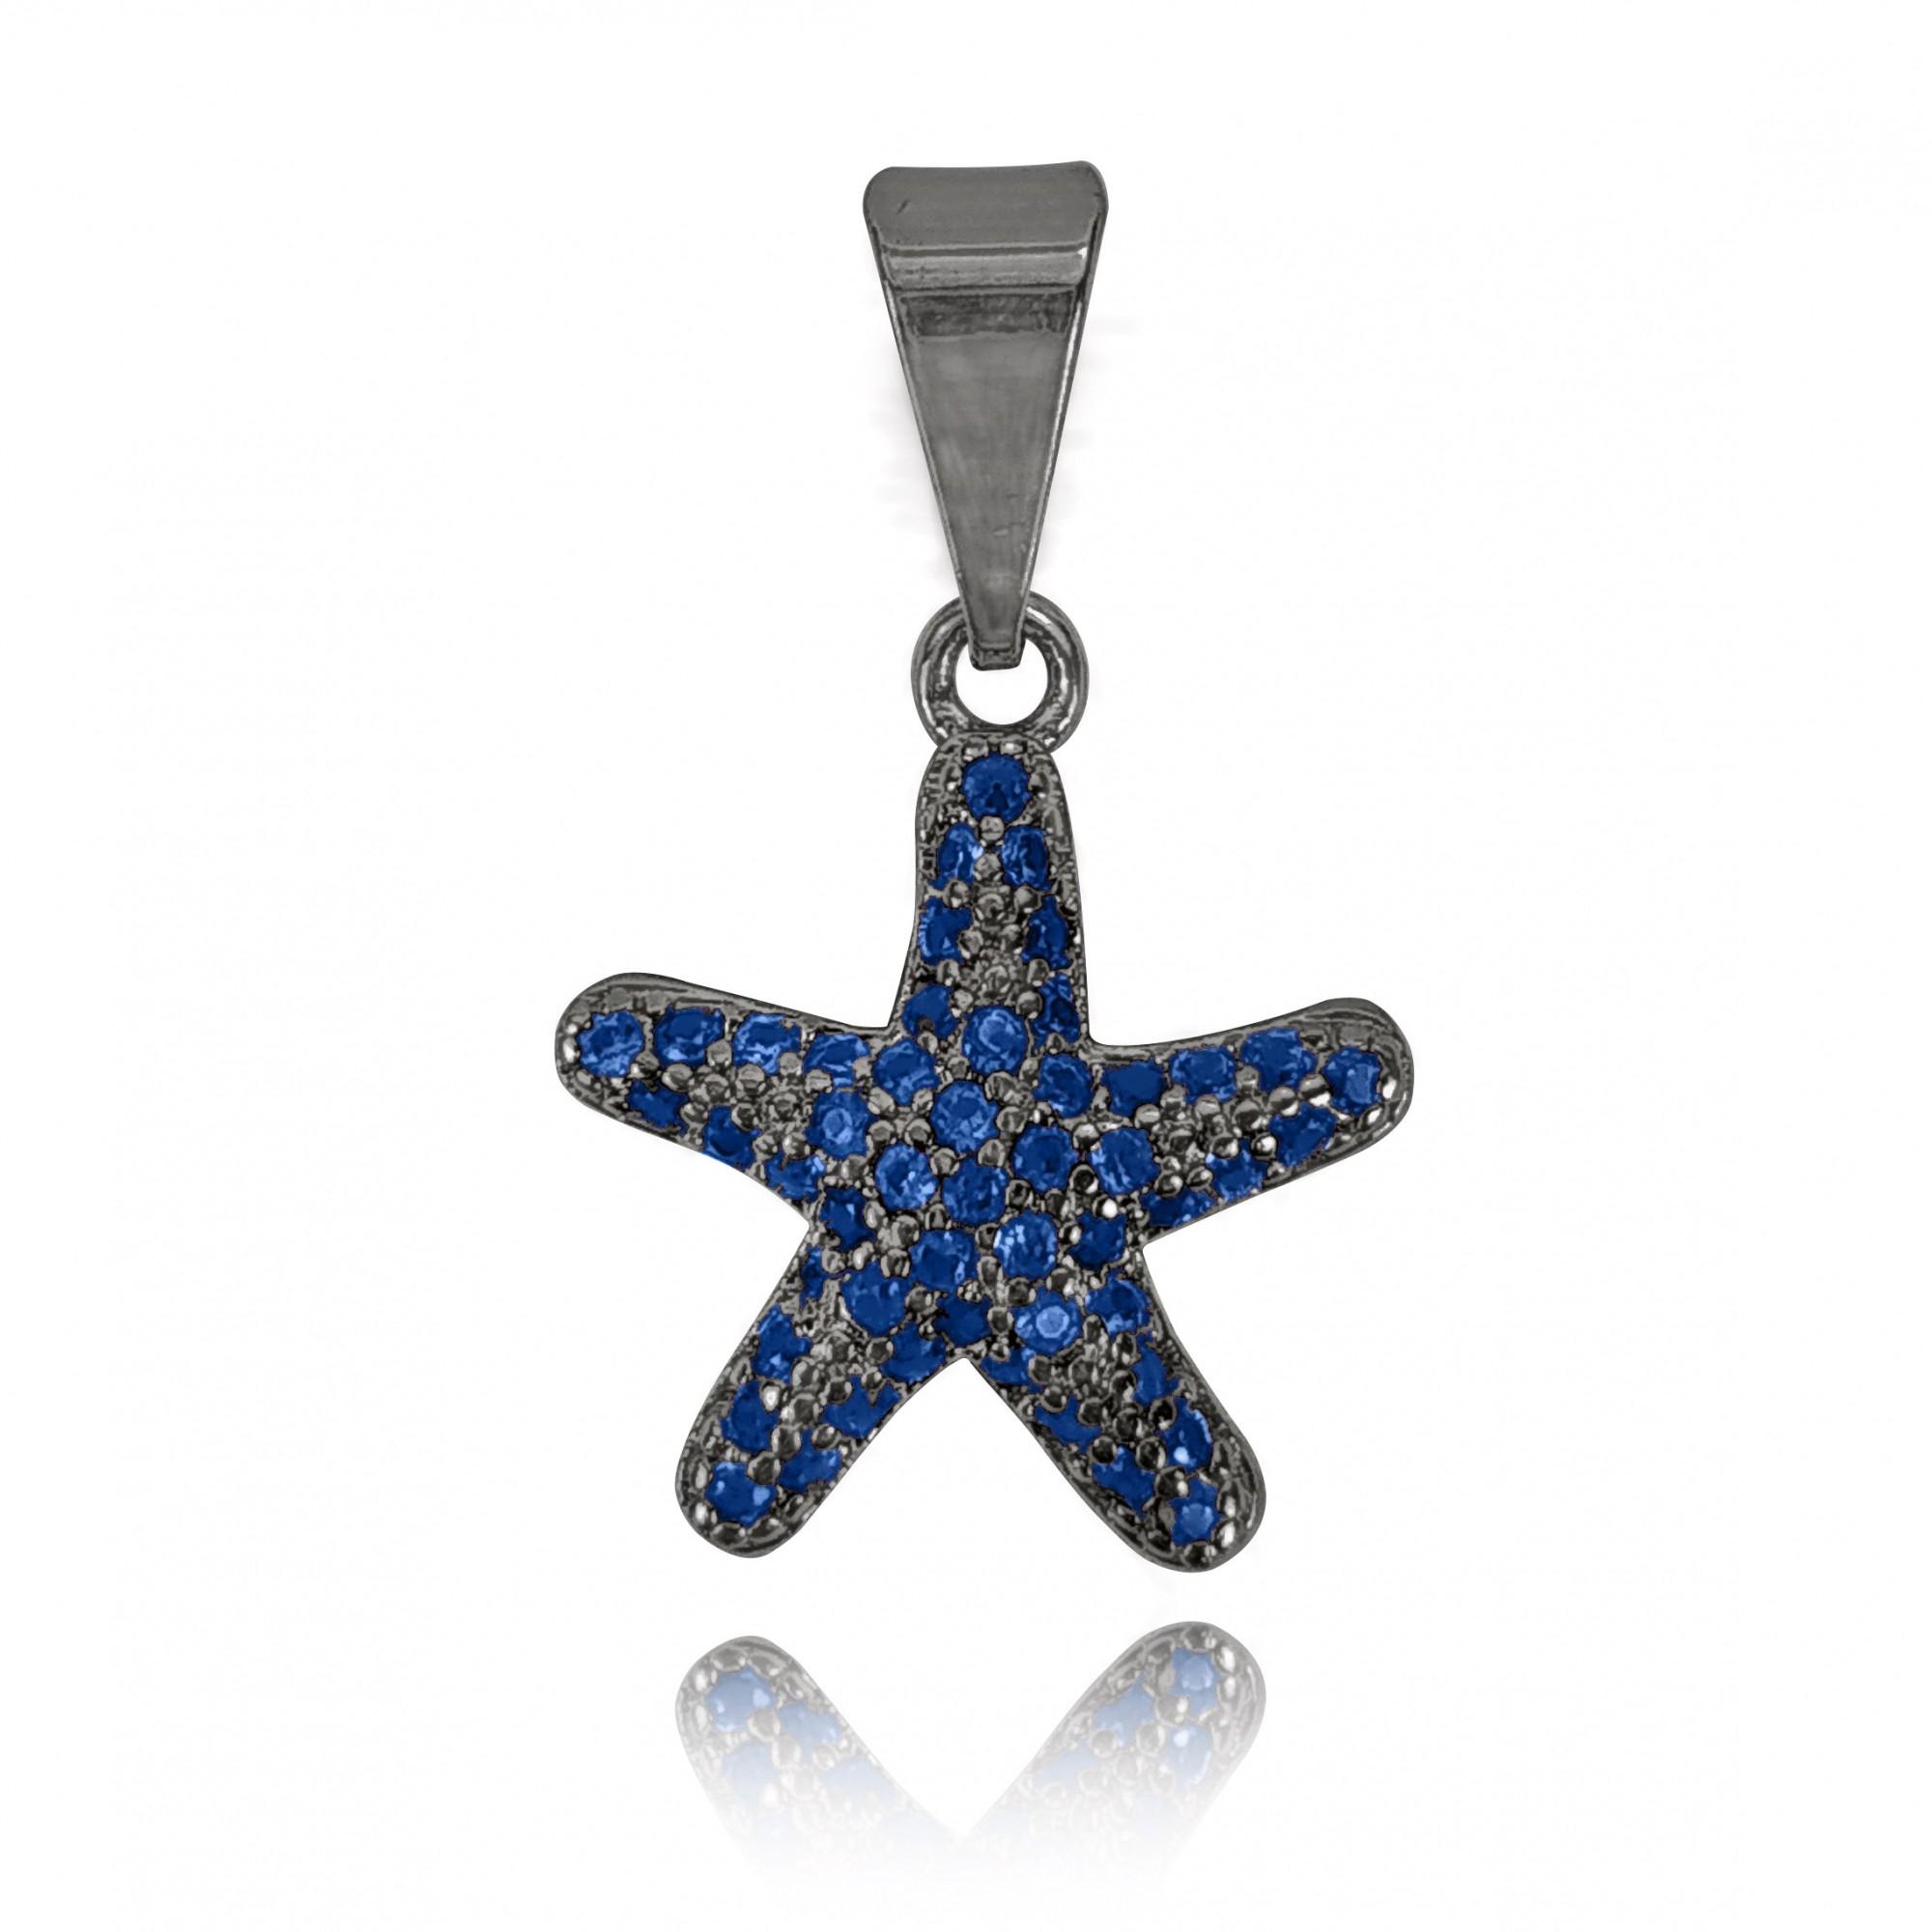 Pingente Estrela do Mar Cravejada Banho Ródio Negro  - Lunozê Joias